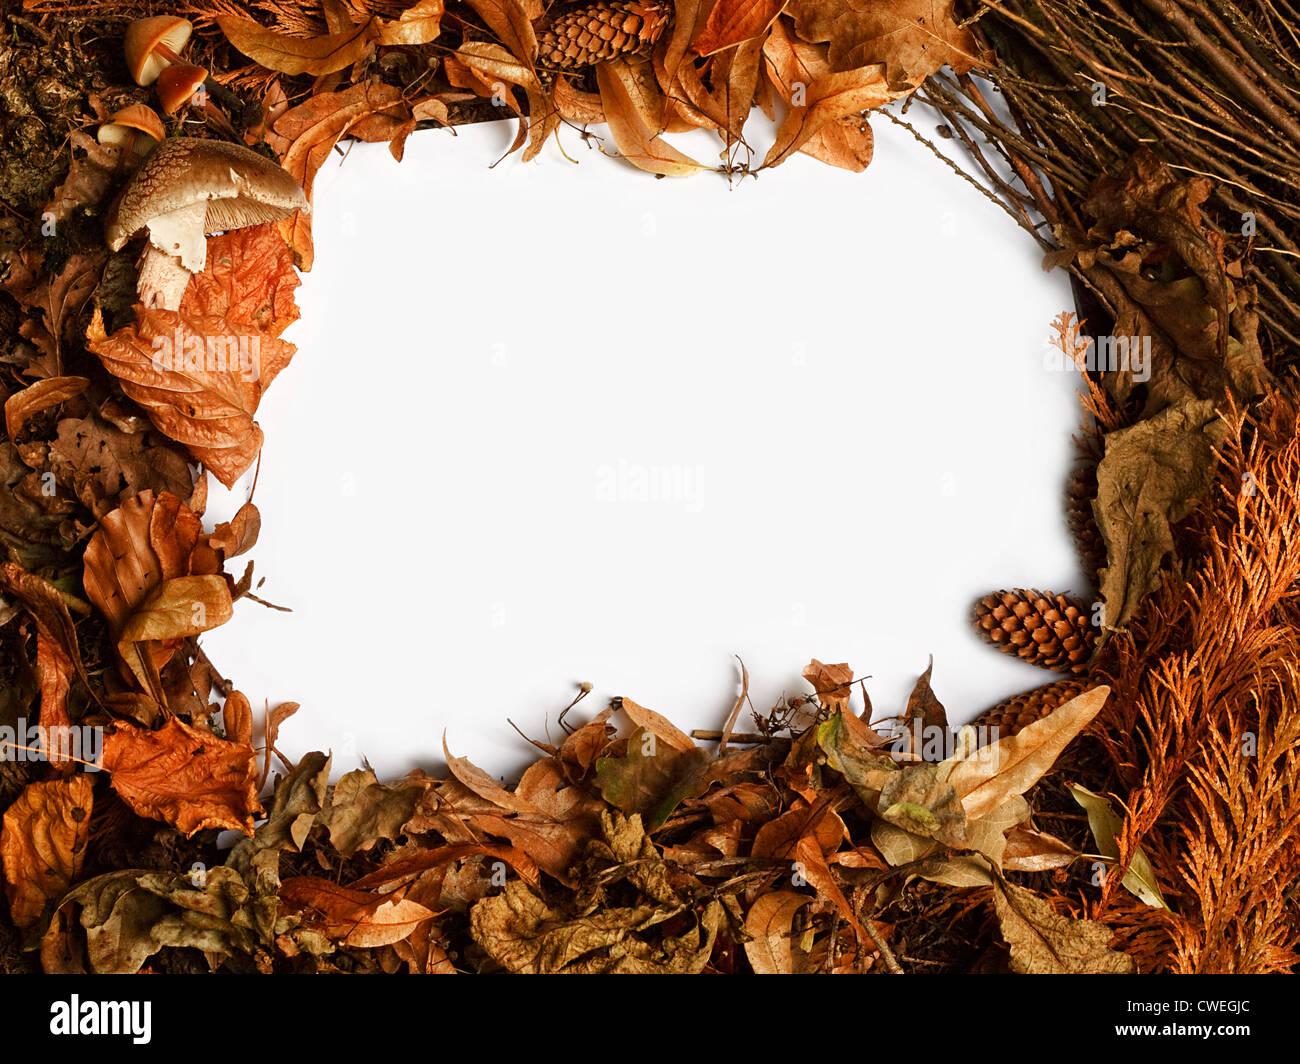 Herbst Saison Grenze mit goldenen Orange hinterlässt einen großen rustikalen fallen-Rahmen Stockbild